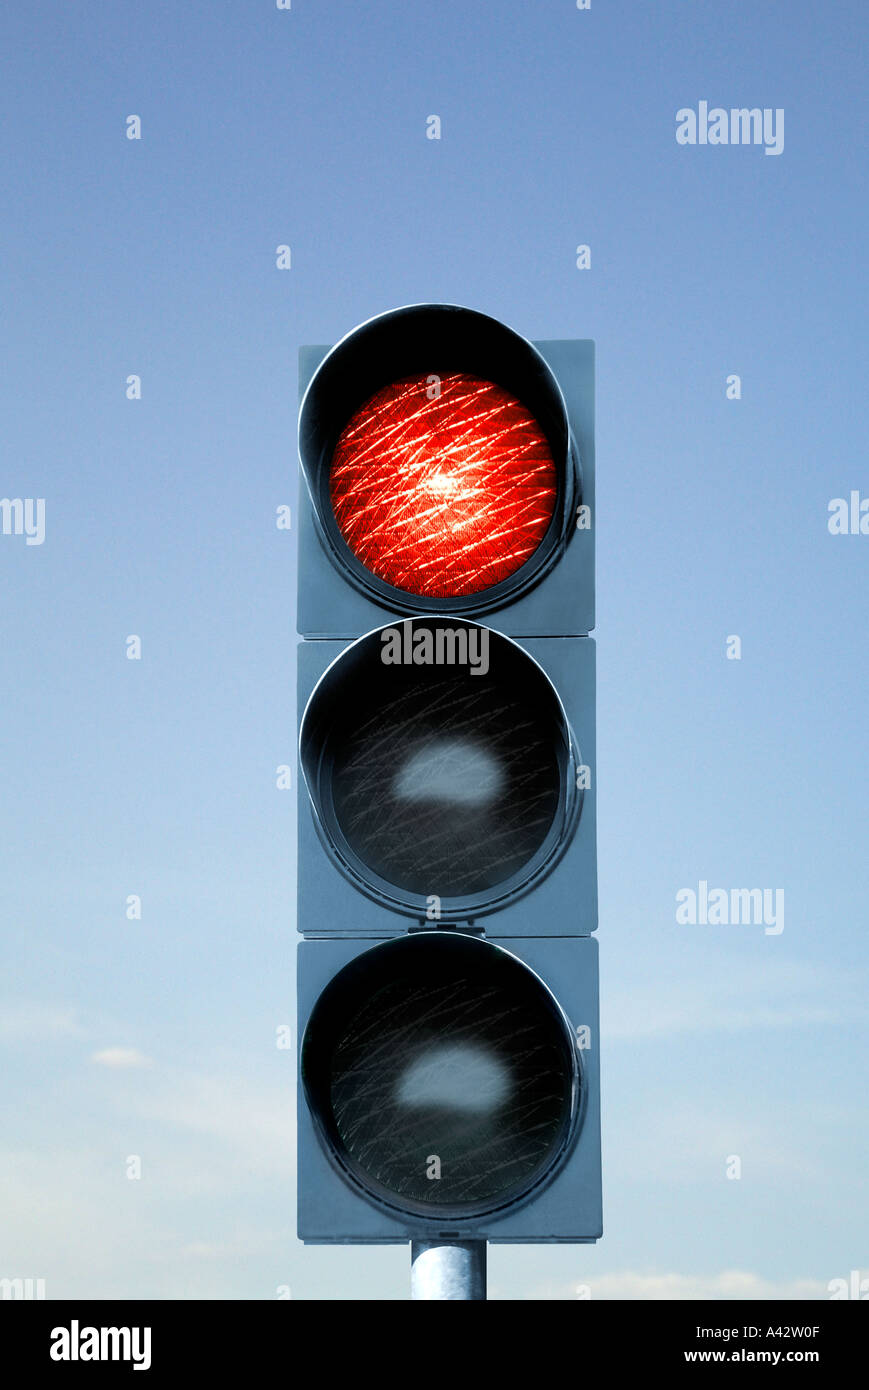 Traffic light device before blue sky Ampelanlage vor blauem Himmel - Stock Image